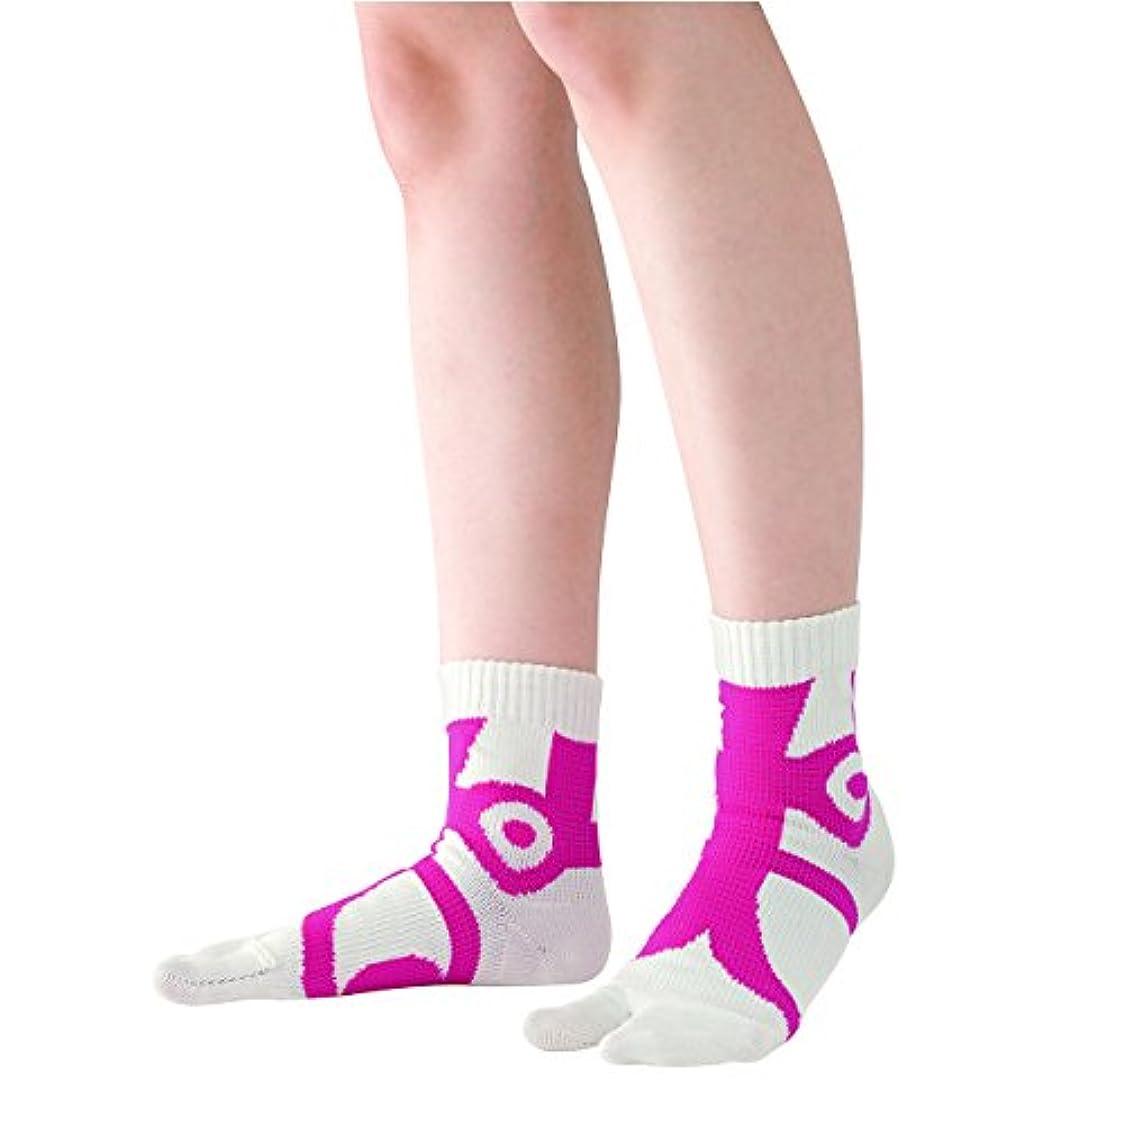 ブランドナイロン概して快歩テーピング靴下 ホワイト×ピンク